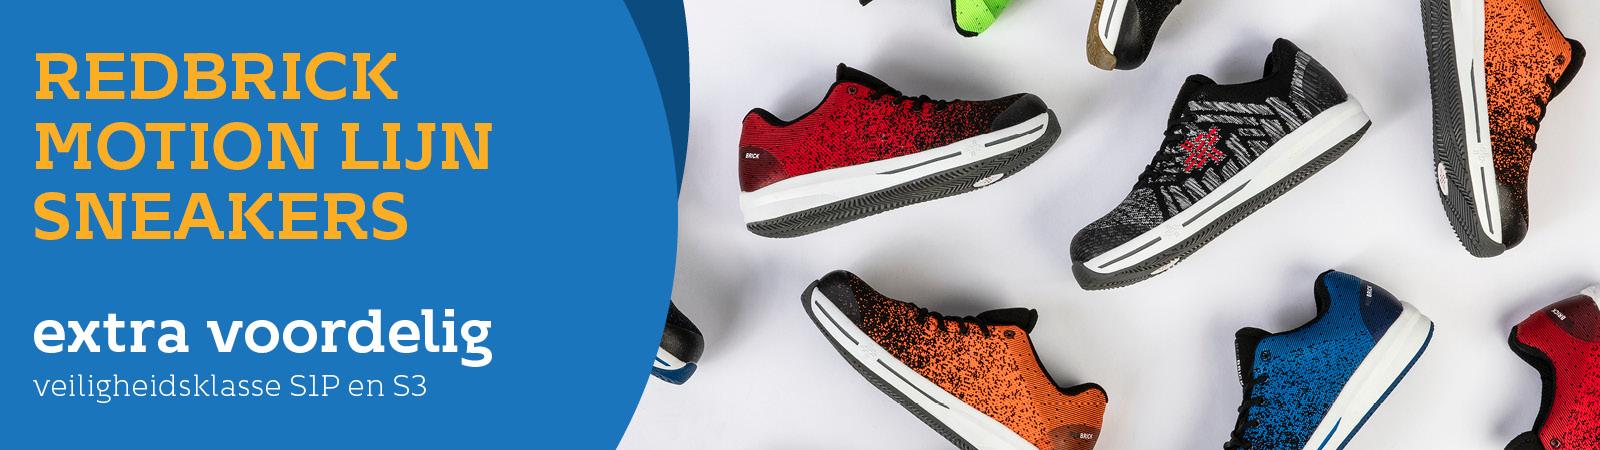 Redbrick Werkschoenen Kopen.Werkschoenen En Veiligheidsschoenen Kopen Doe Je Bij Coolsafety